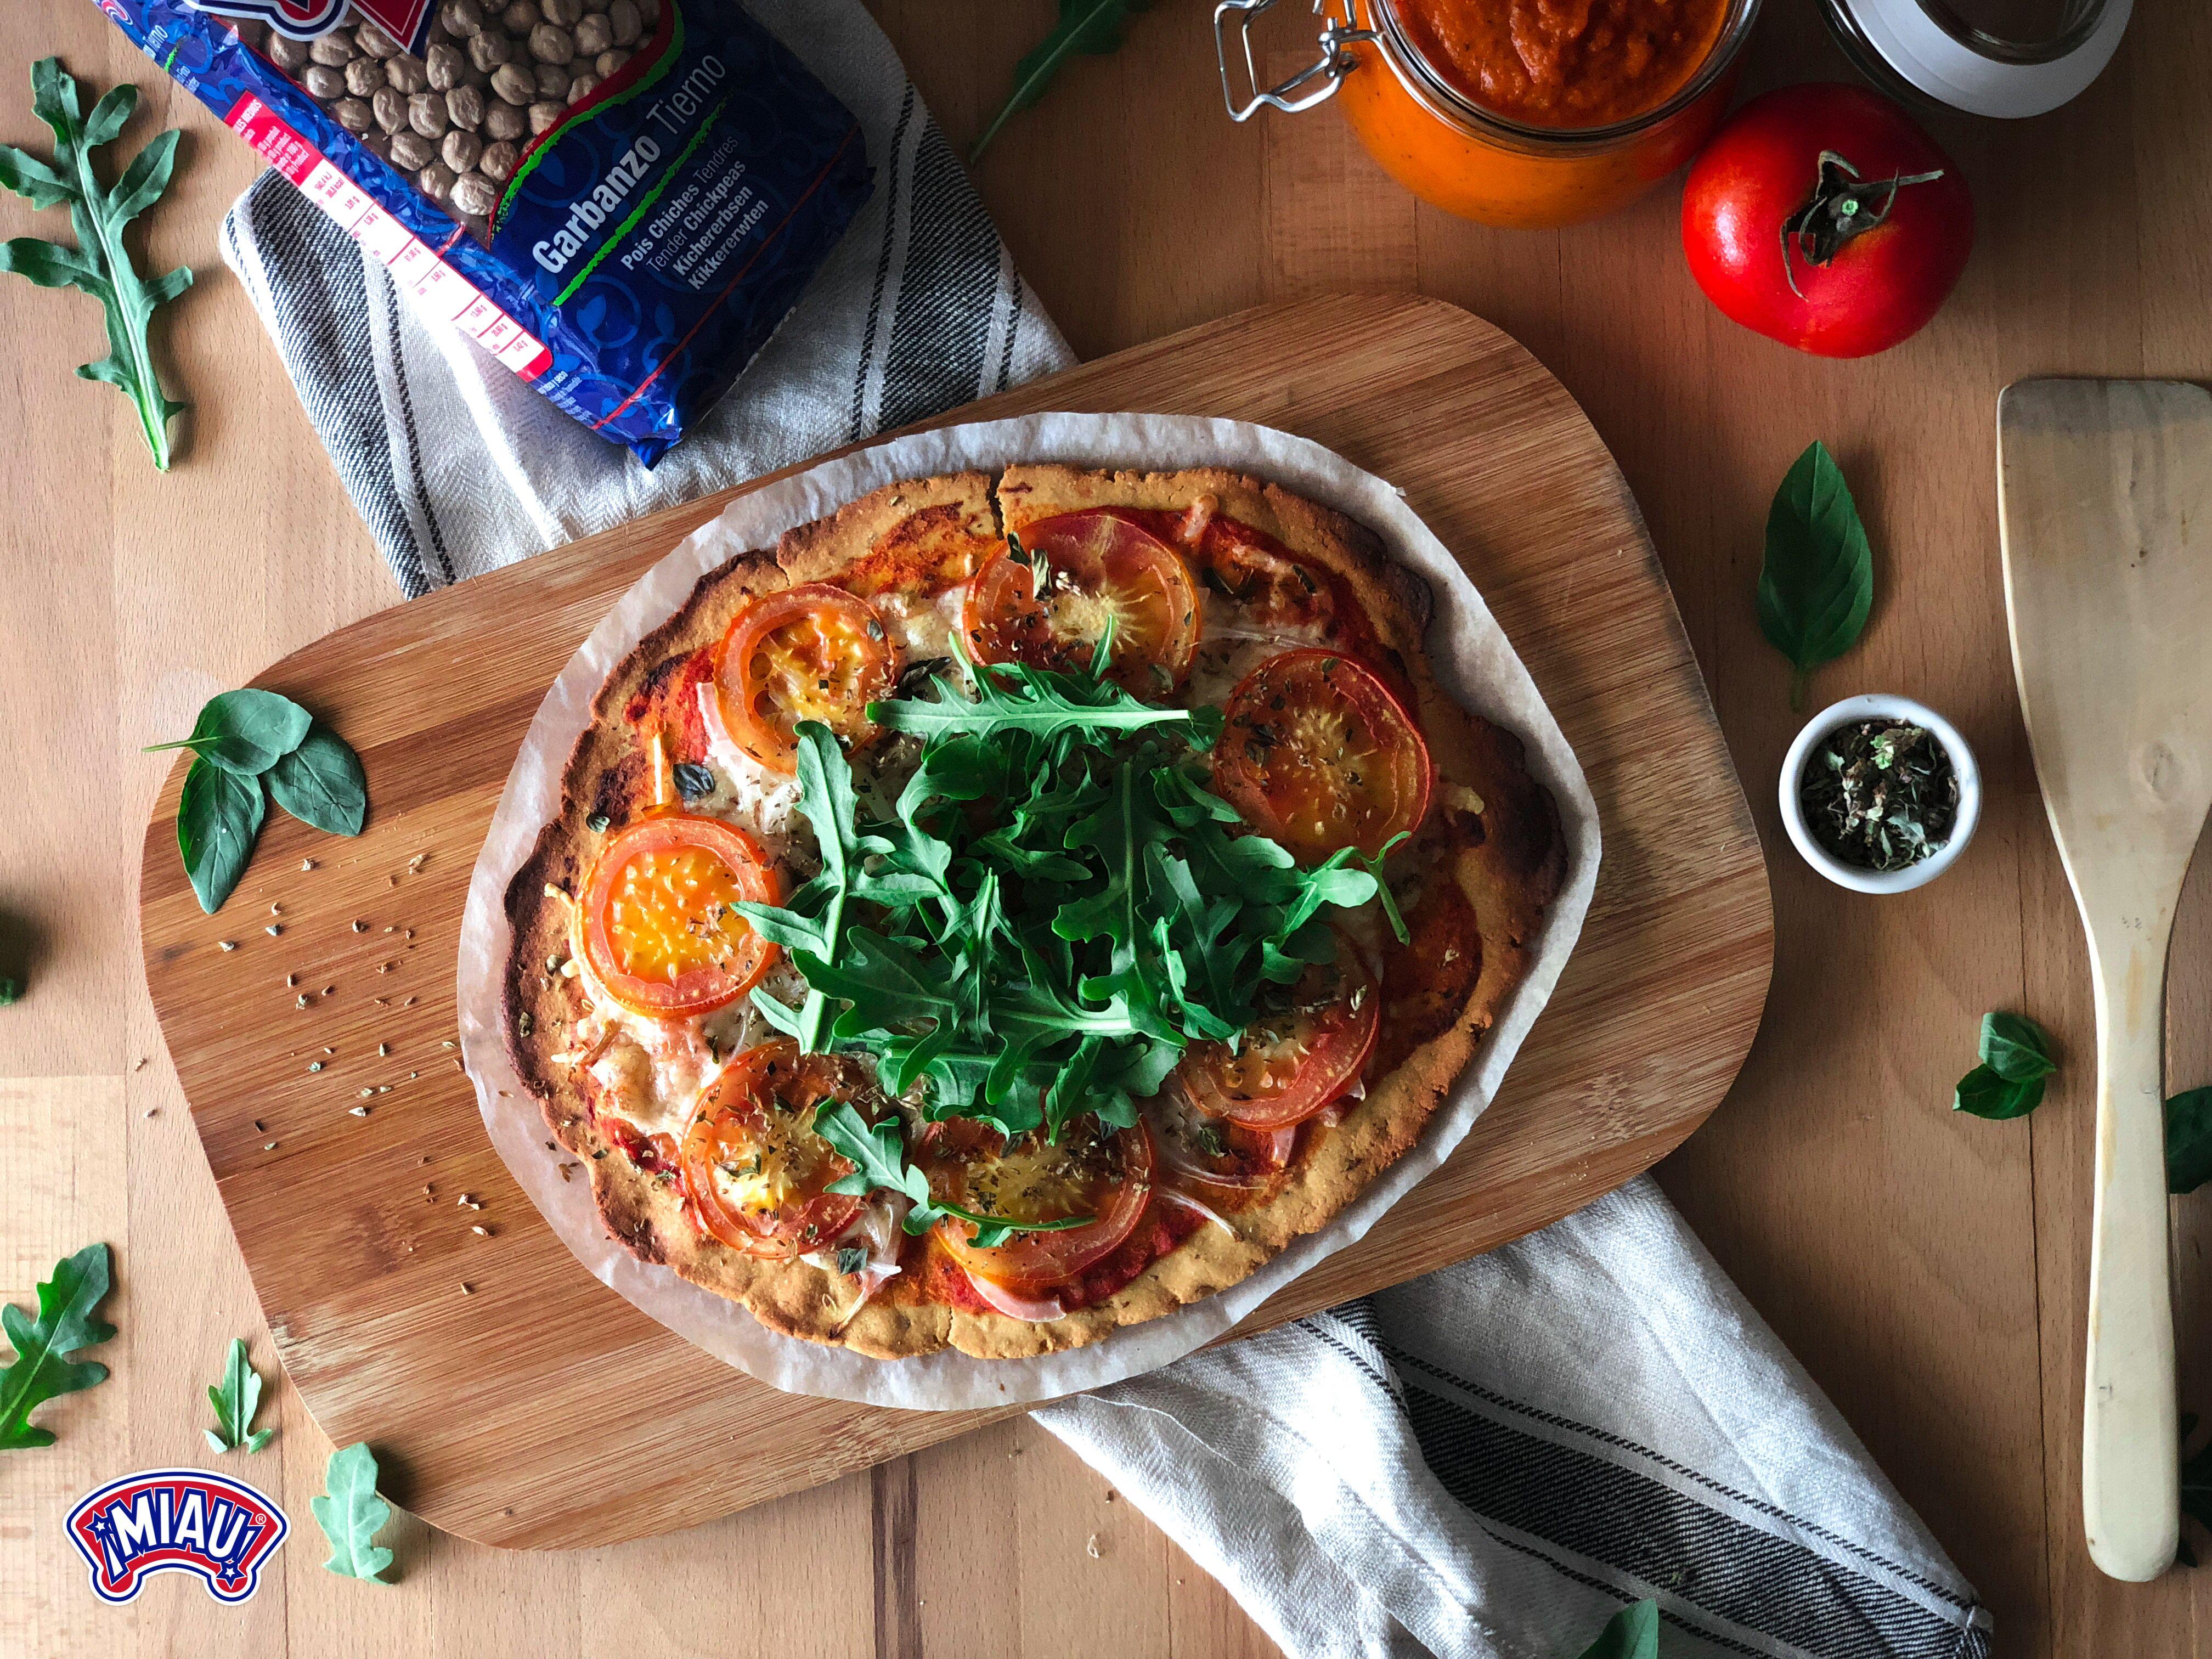 Masa De Pizza Con Harina De Garbanzos Perfecta También Para Aquellas Personas Con Celiaquía O Sensibilidad Masa Para Pizza Harina De Garbanzo Pizza Sin Gluten